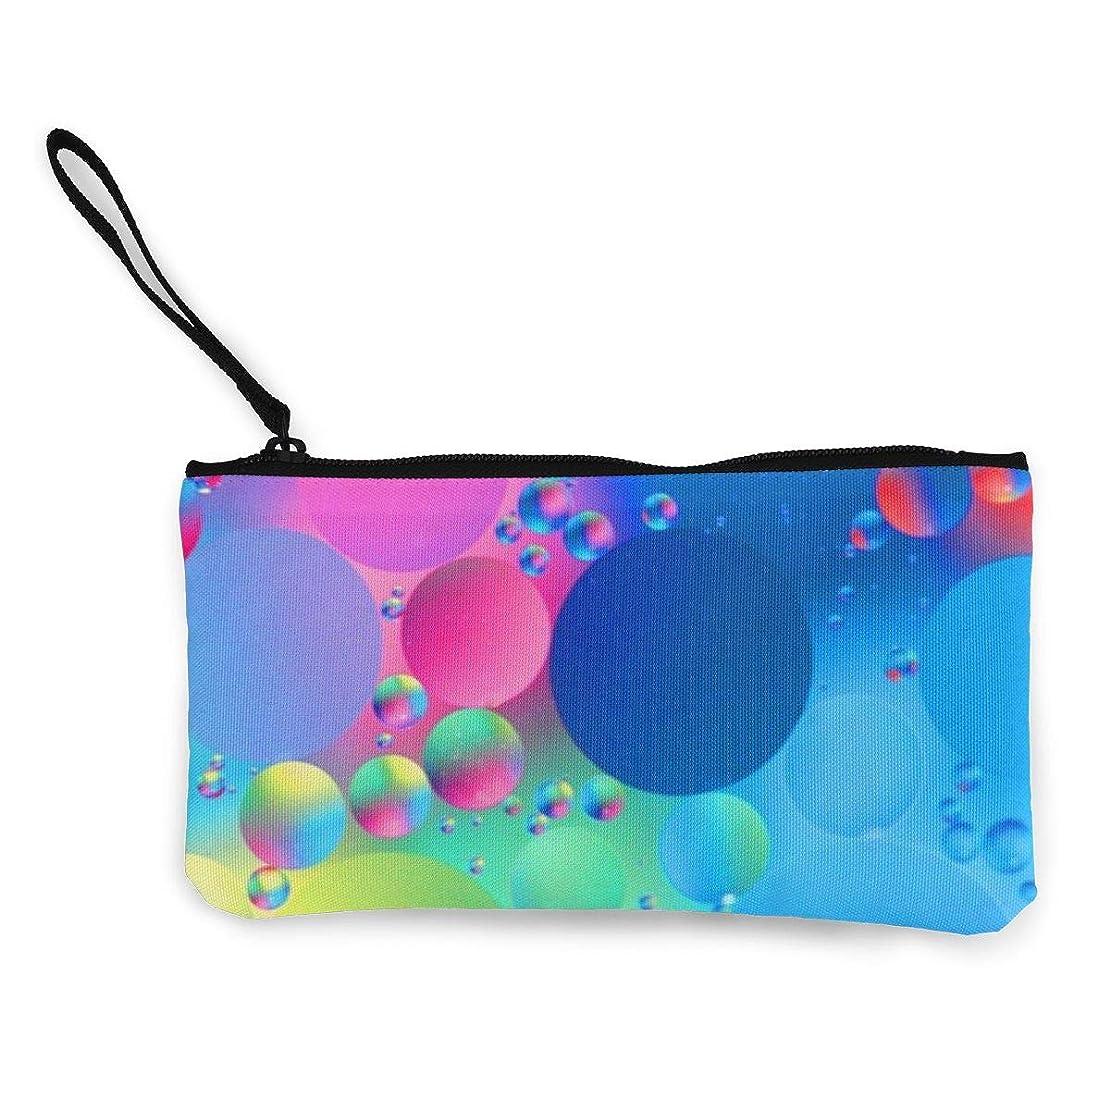 杖ポーズドライErmiCo レディース 小銭入れ キャンバス財布 要約 マクロ 反射 パターン 小遣い財布 財布 鍵 小物 充電器 収納 長財布 ファスナー付き 22×12cm